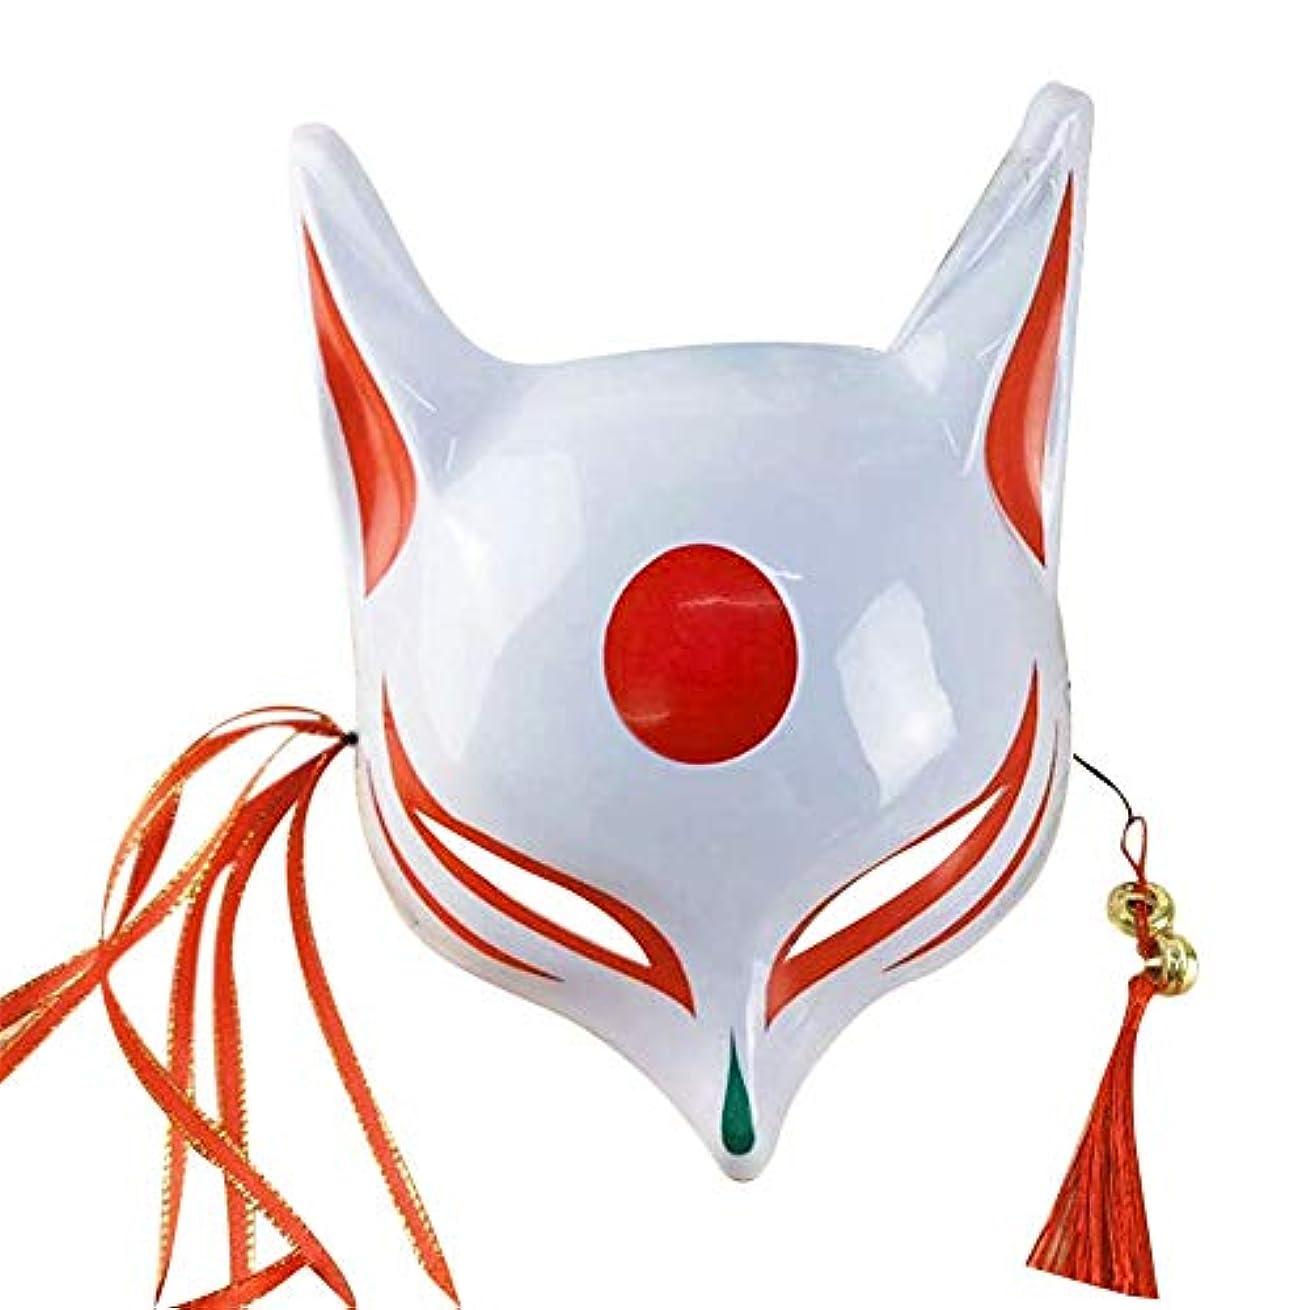 ゲート才能役に立たないKISSION手描きのマスクフォックスハーフフェイスマスクロールプレイ仮装ドレスアップ マスクバーパーティー キツネの妖精の半分の顔 和風の手描き